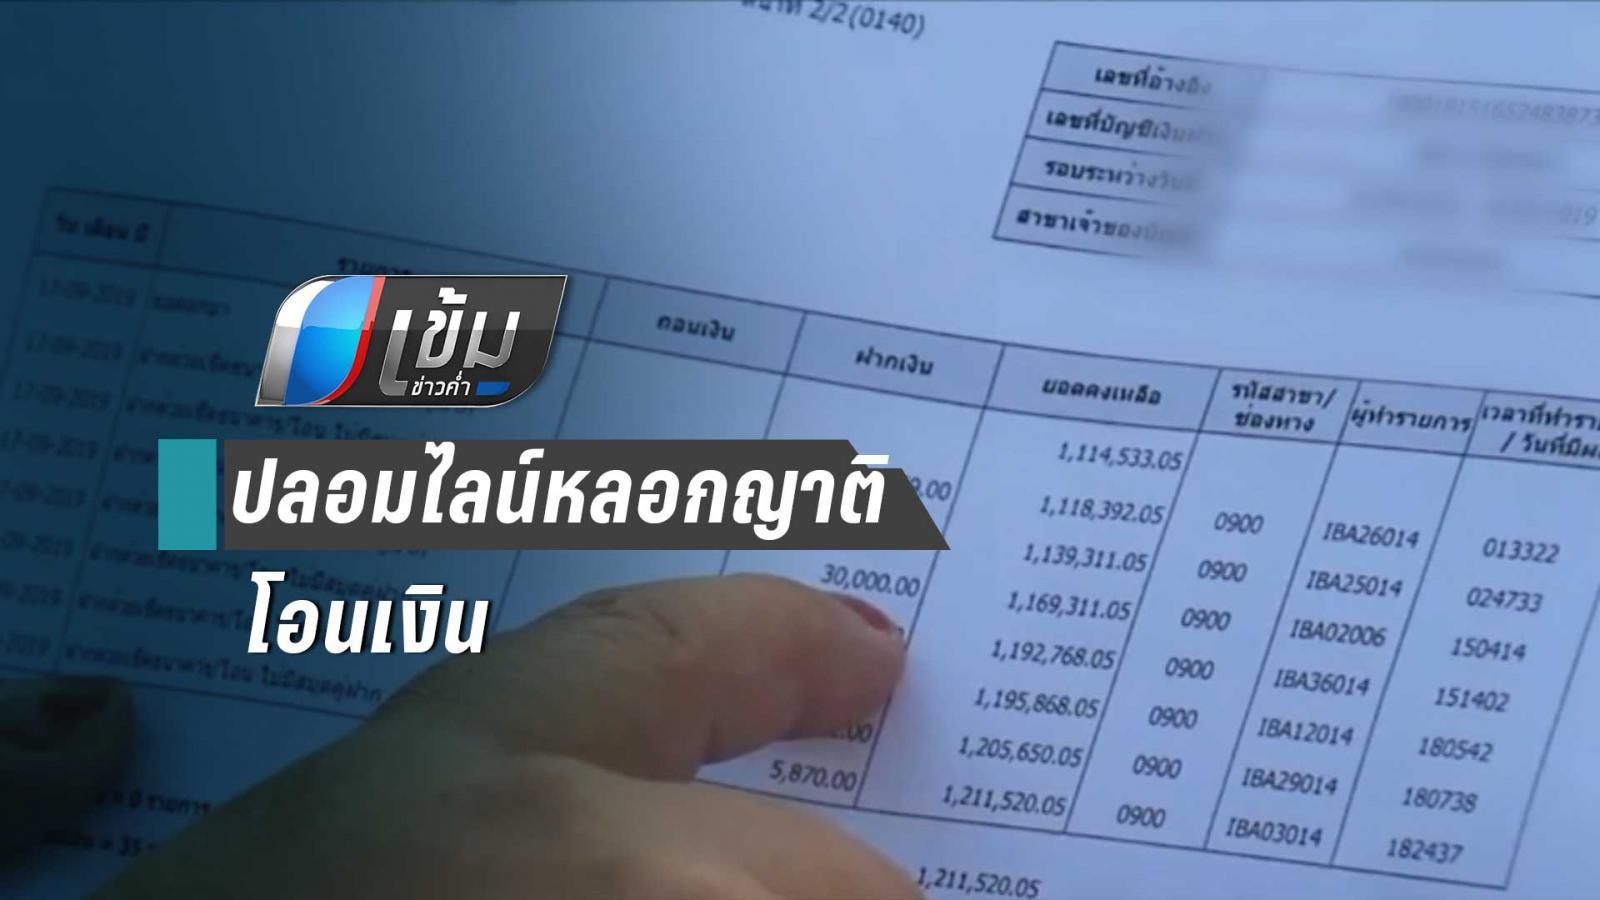 มิจฉาชีพปลอมไลน์หลอกญาติ หญิงไทยในต่างแดนโอนเงิน